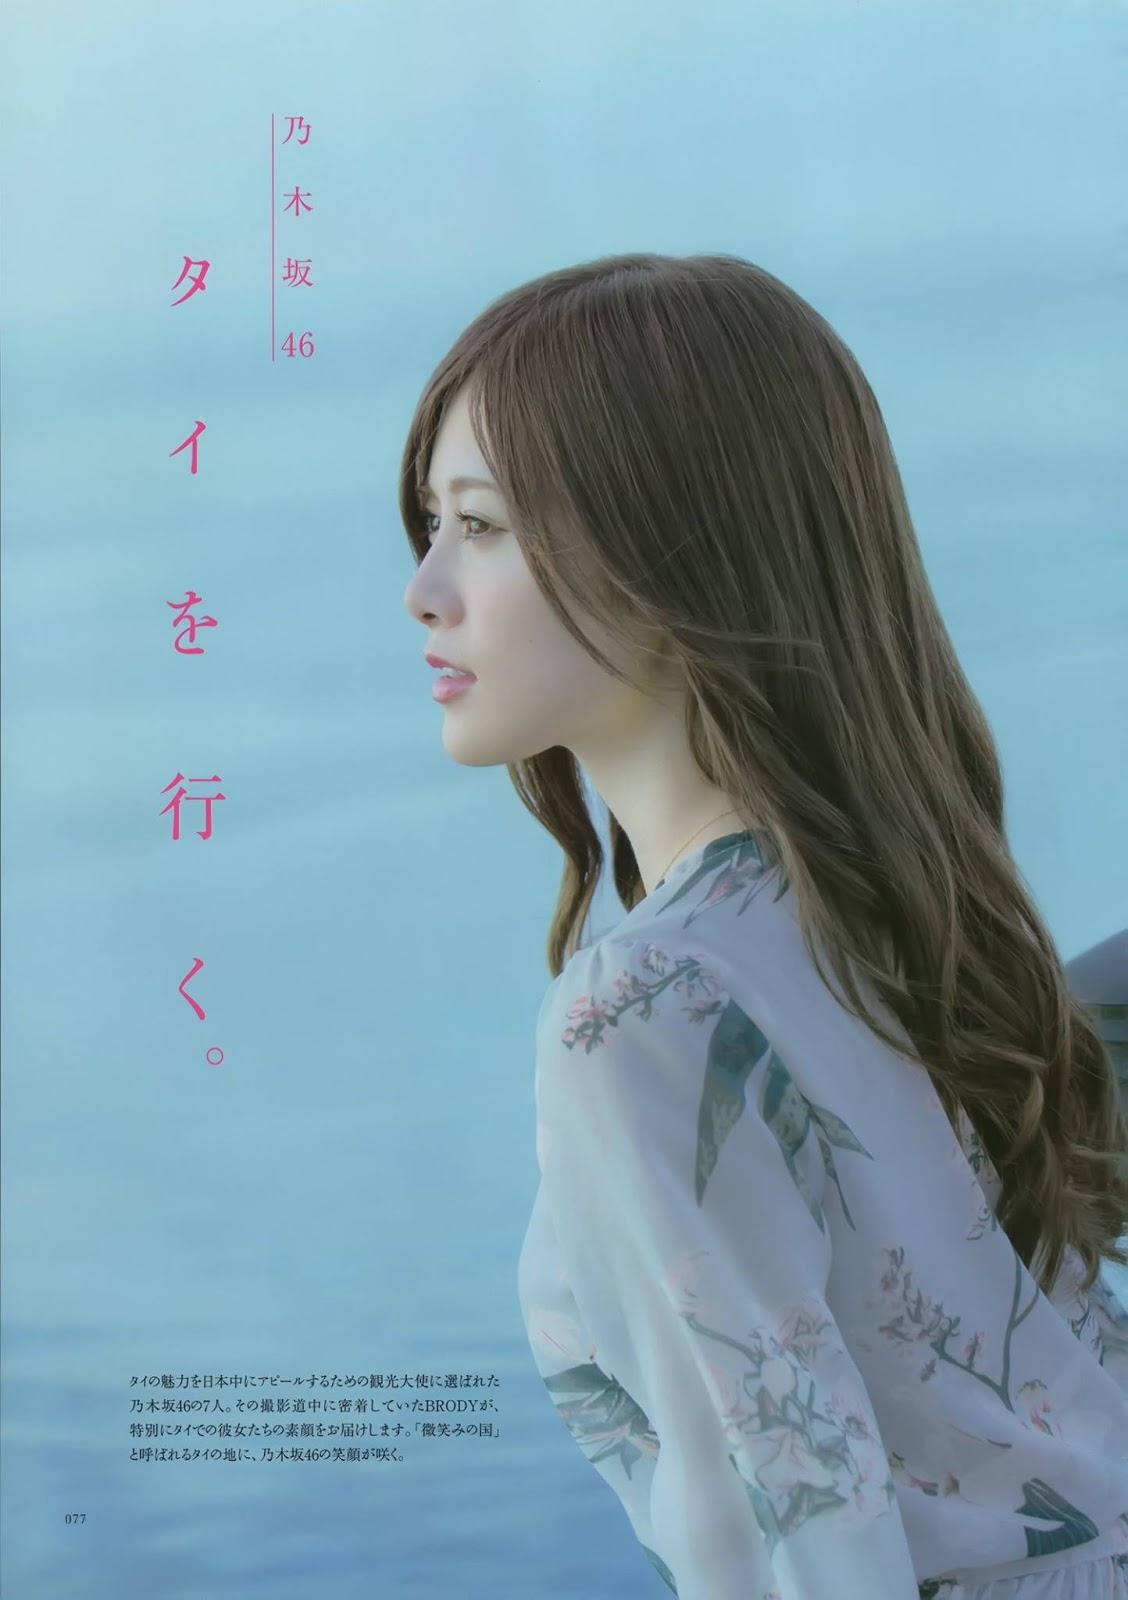 Nogizaka46, BRODY 2017.08 (ブロディ 2017年8月号)